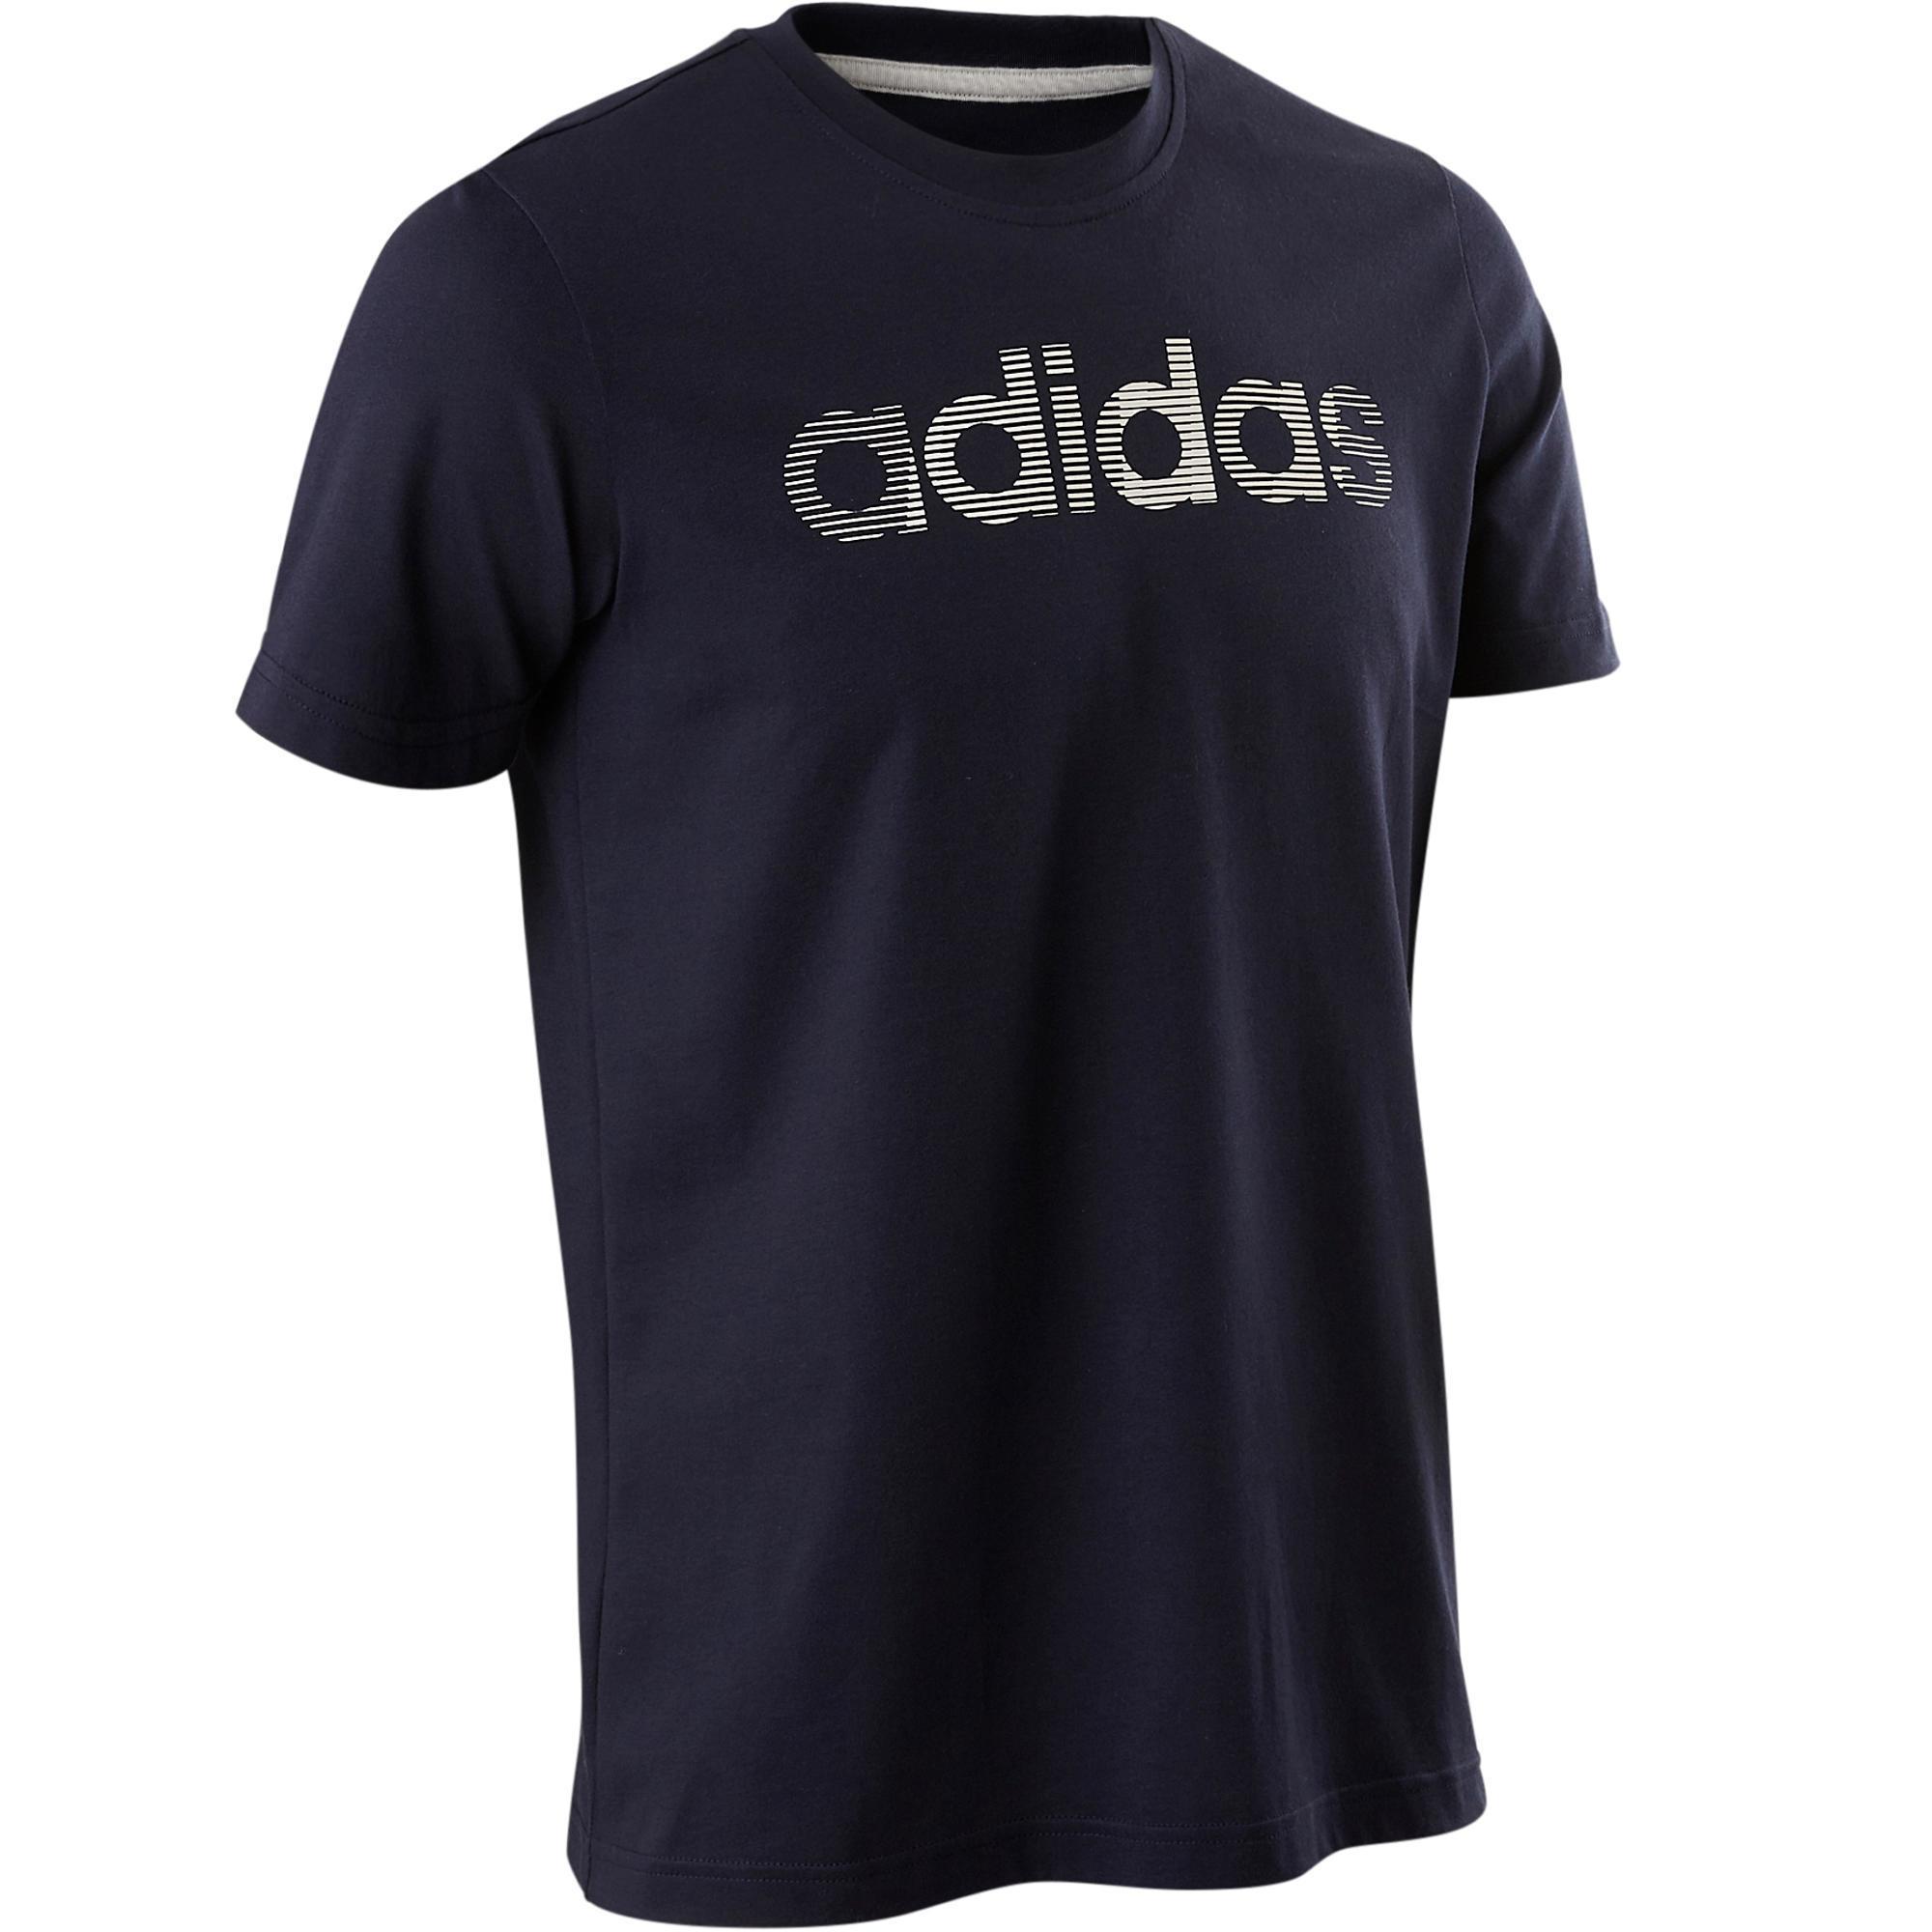 Adidas T-shirt Adidas Decadio 500 pilates lichte gym heren blauw